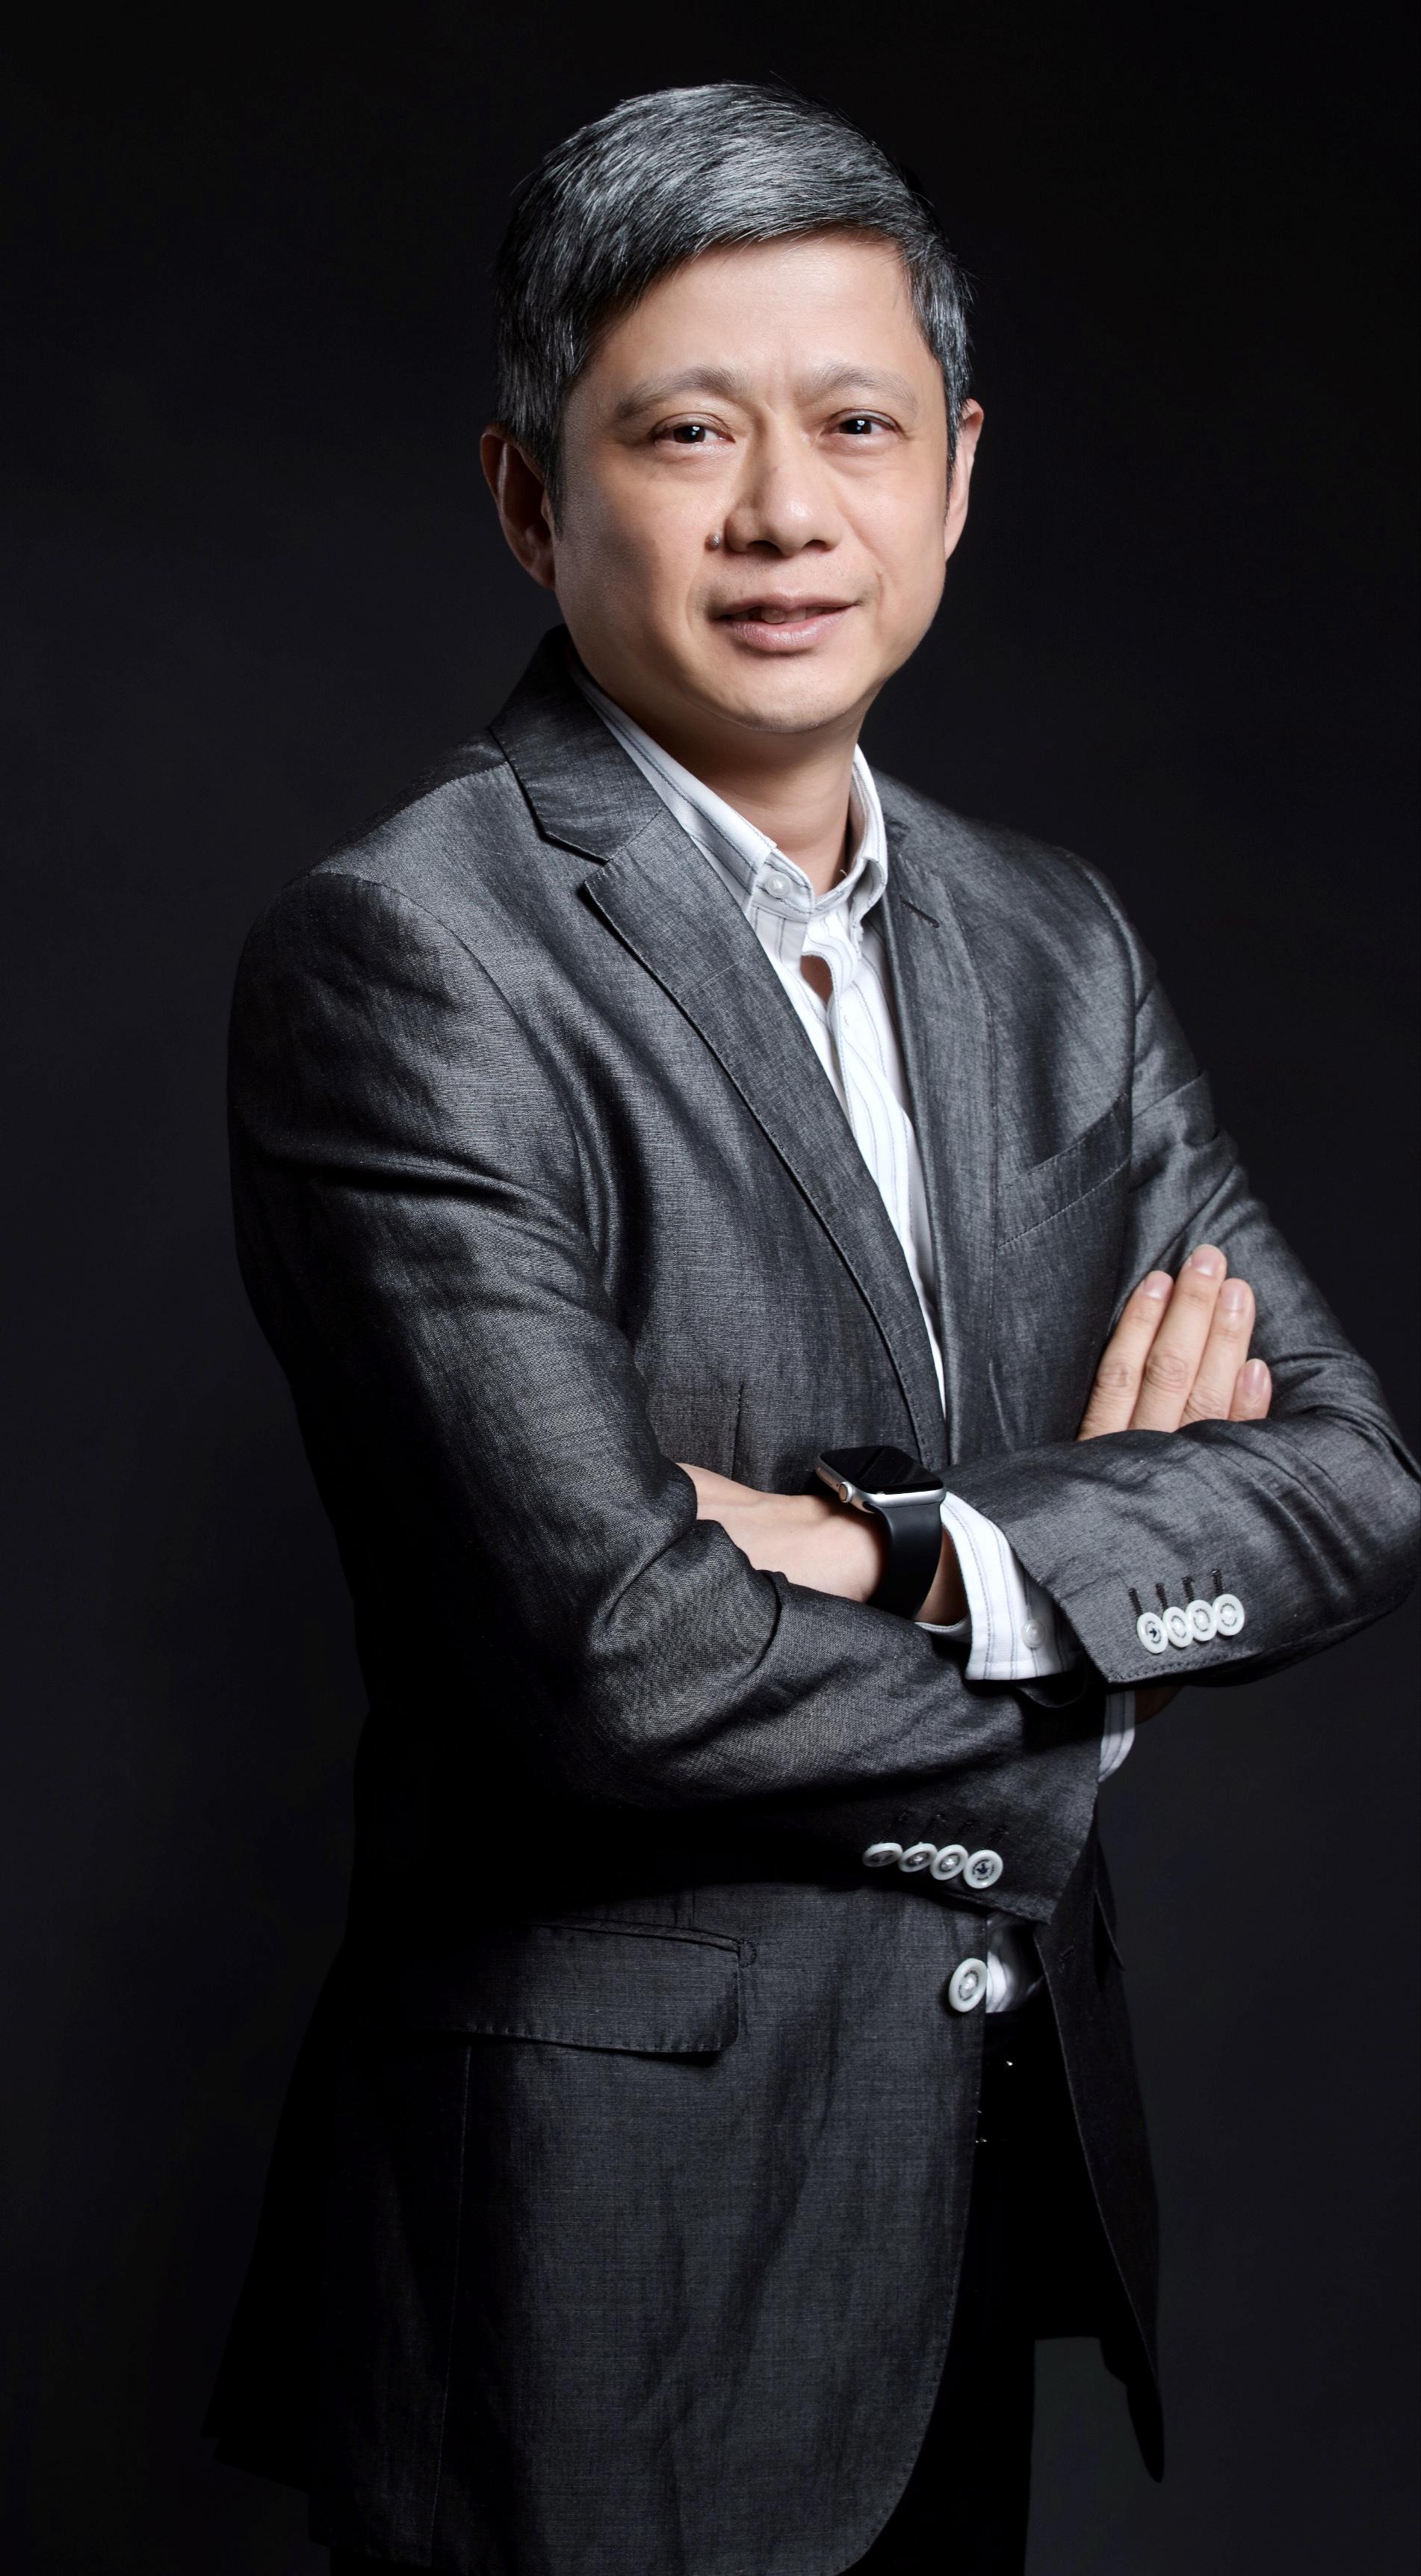 邱朝暉教授